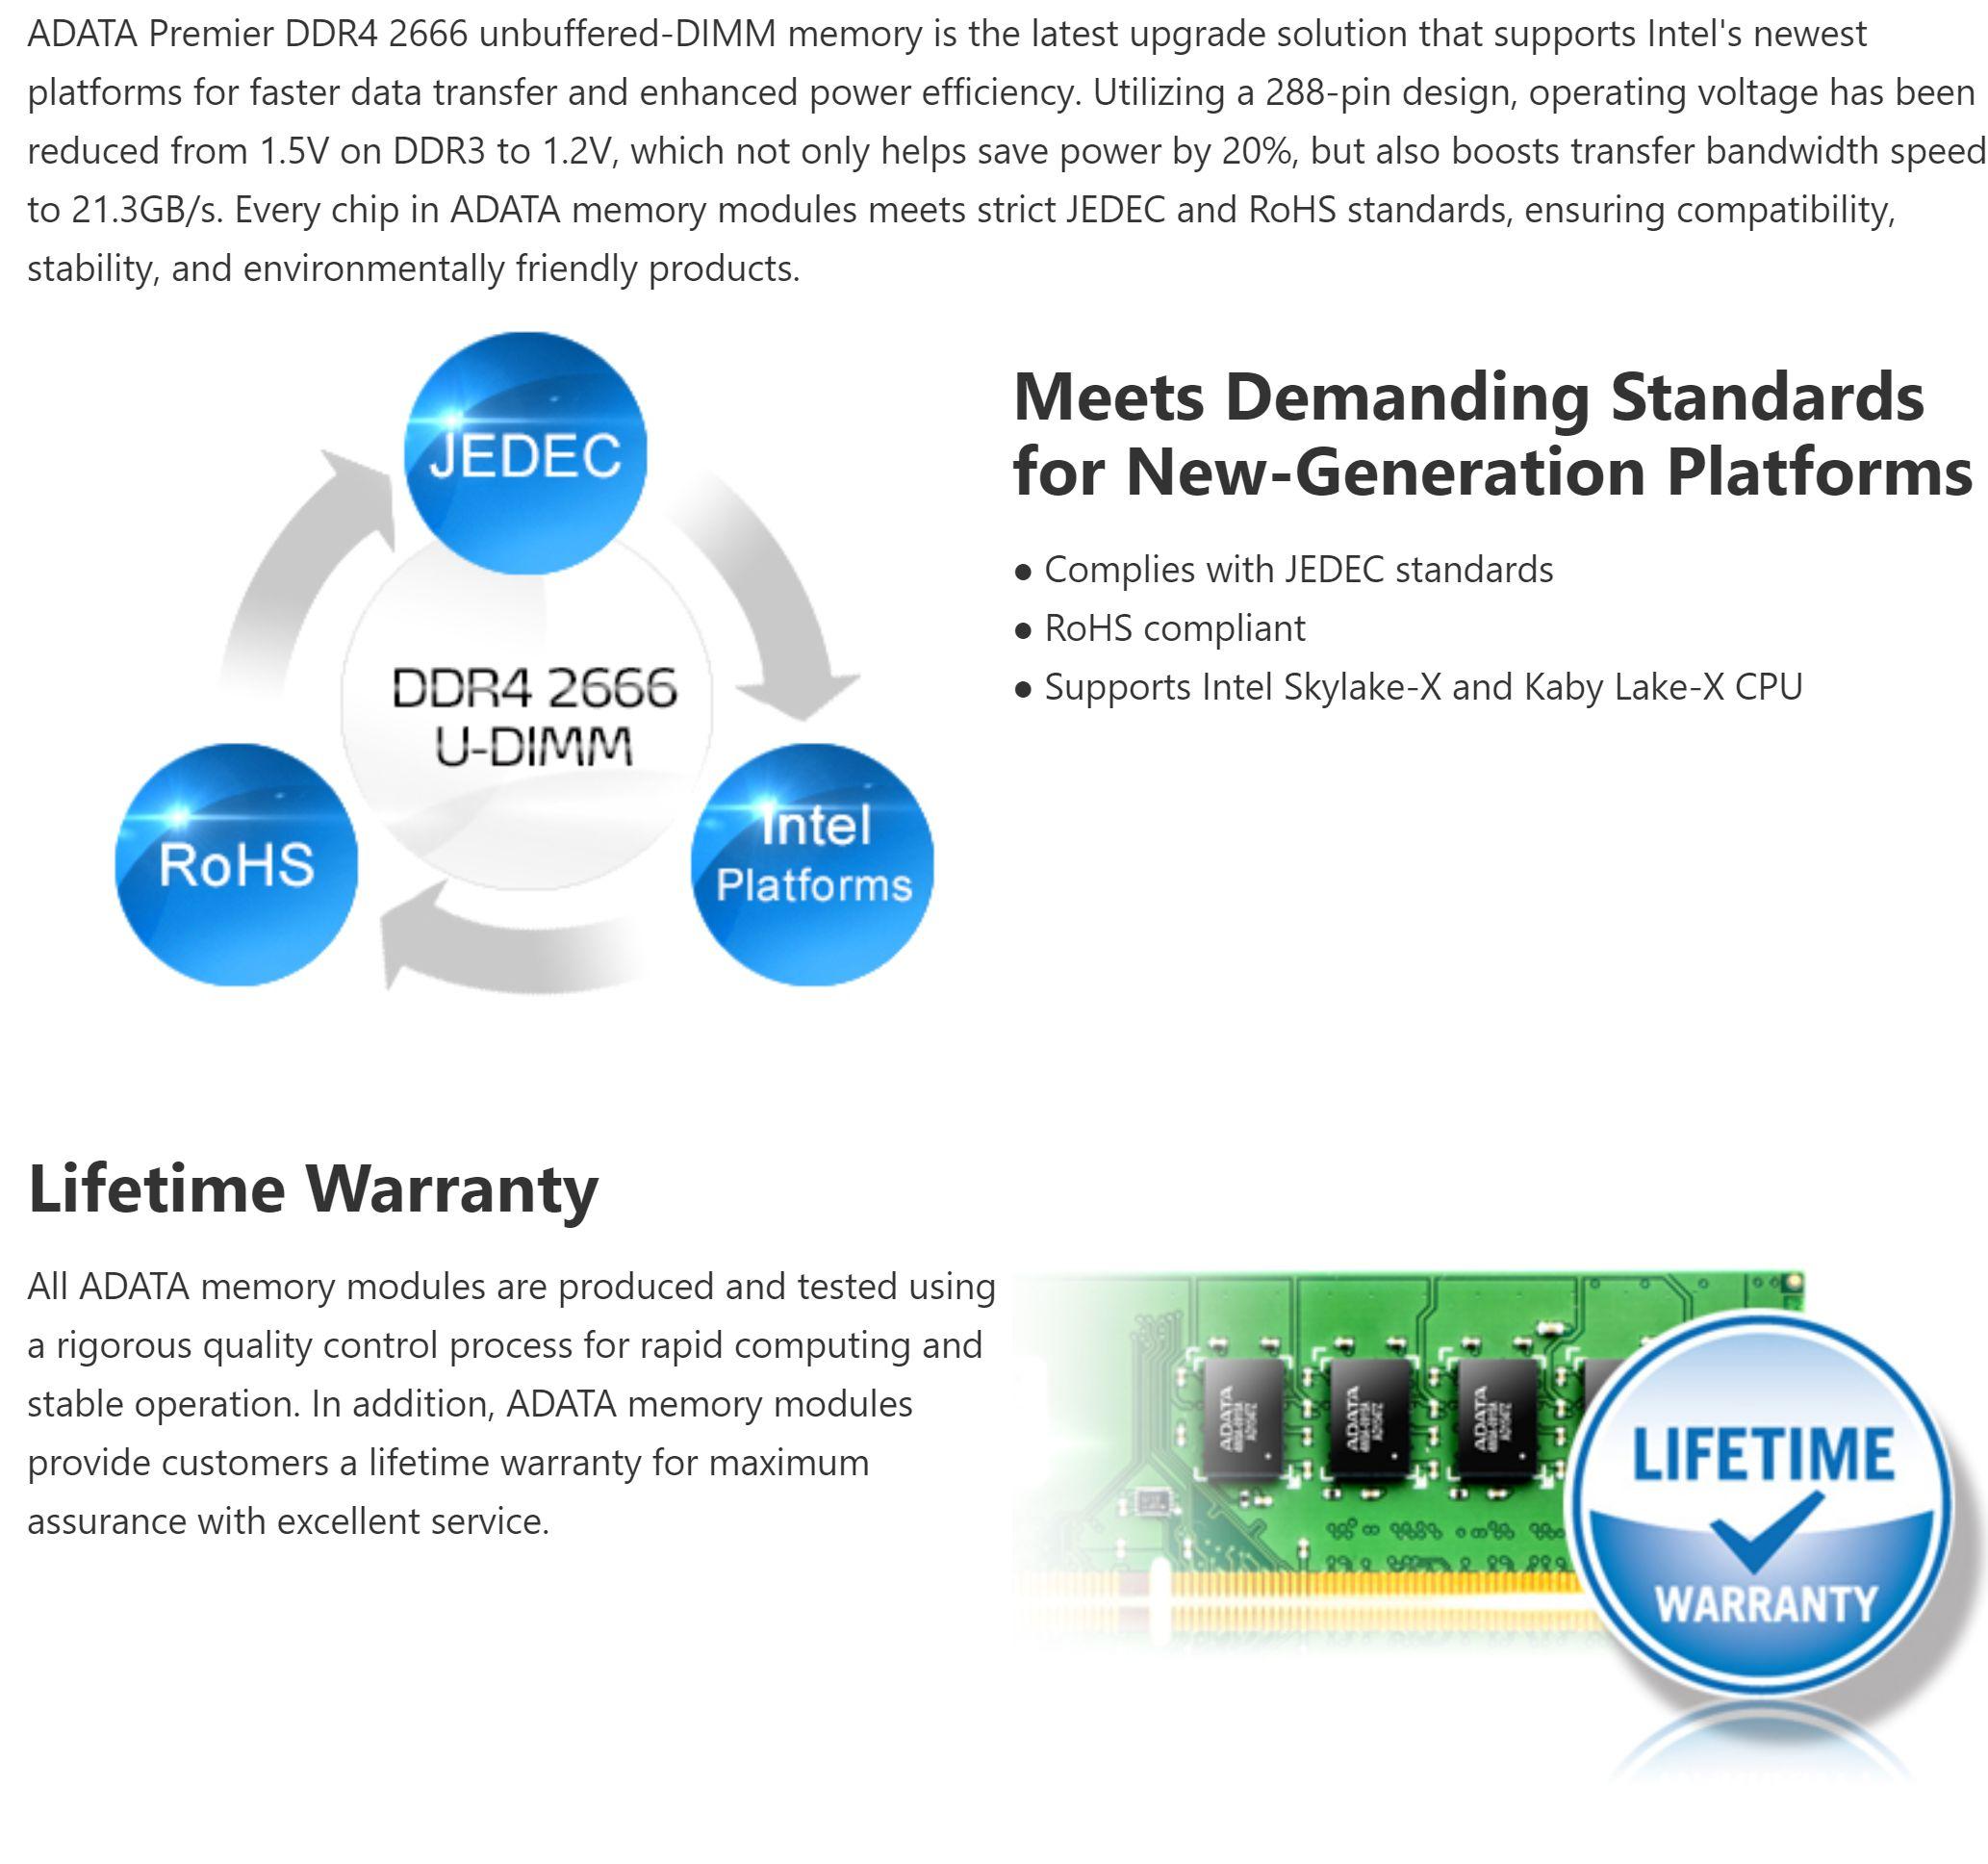 #1547 - 'Premier DDR4 2666 Unbuffered-DIMM Memory I Description I ADATA Consumer' - www_adata_com.jpg